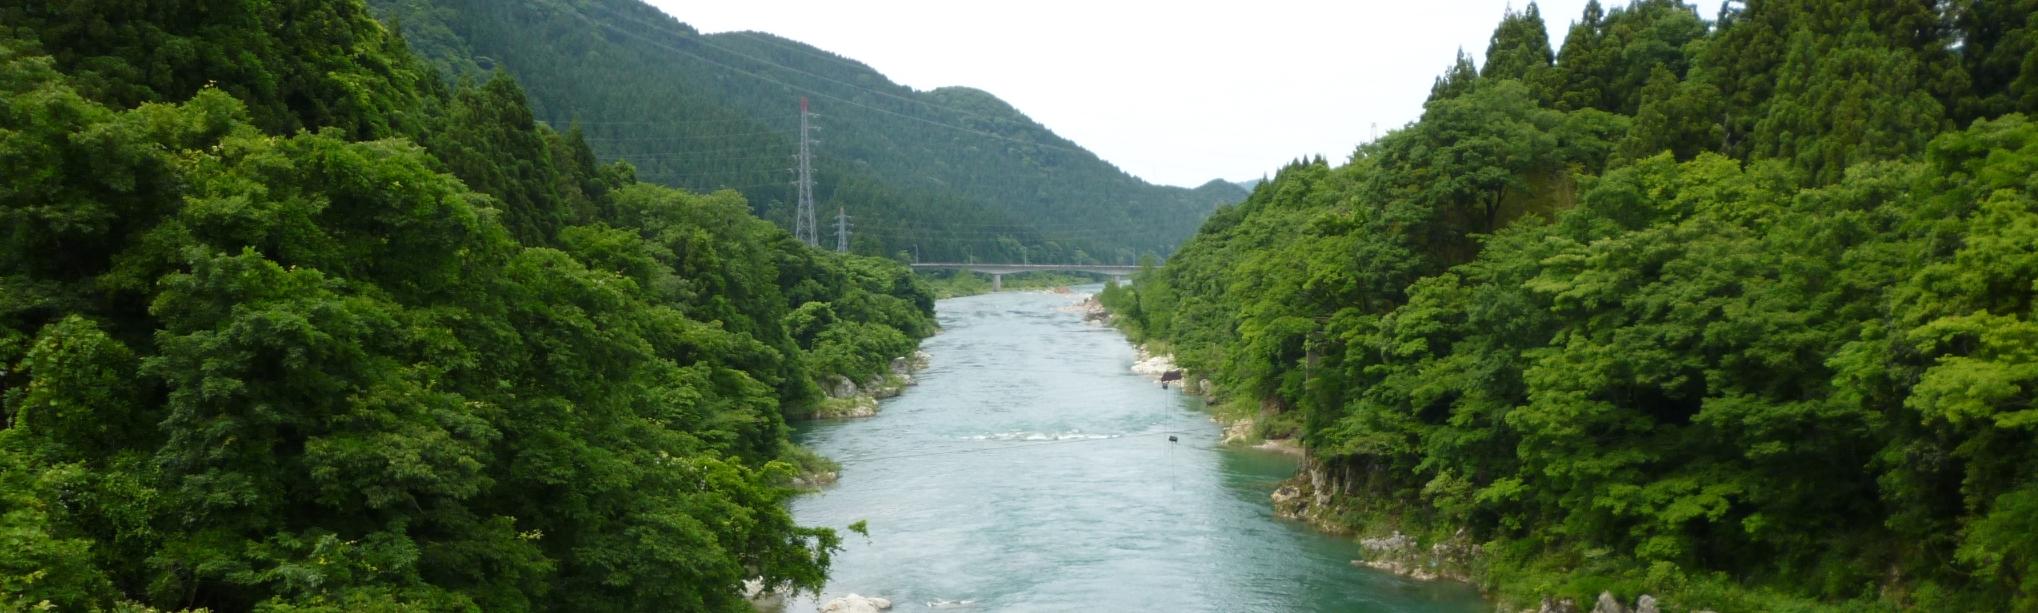 中島鉄道橋下流